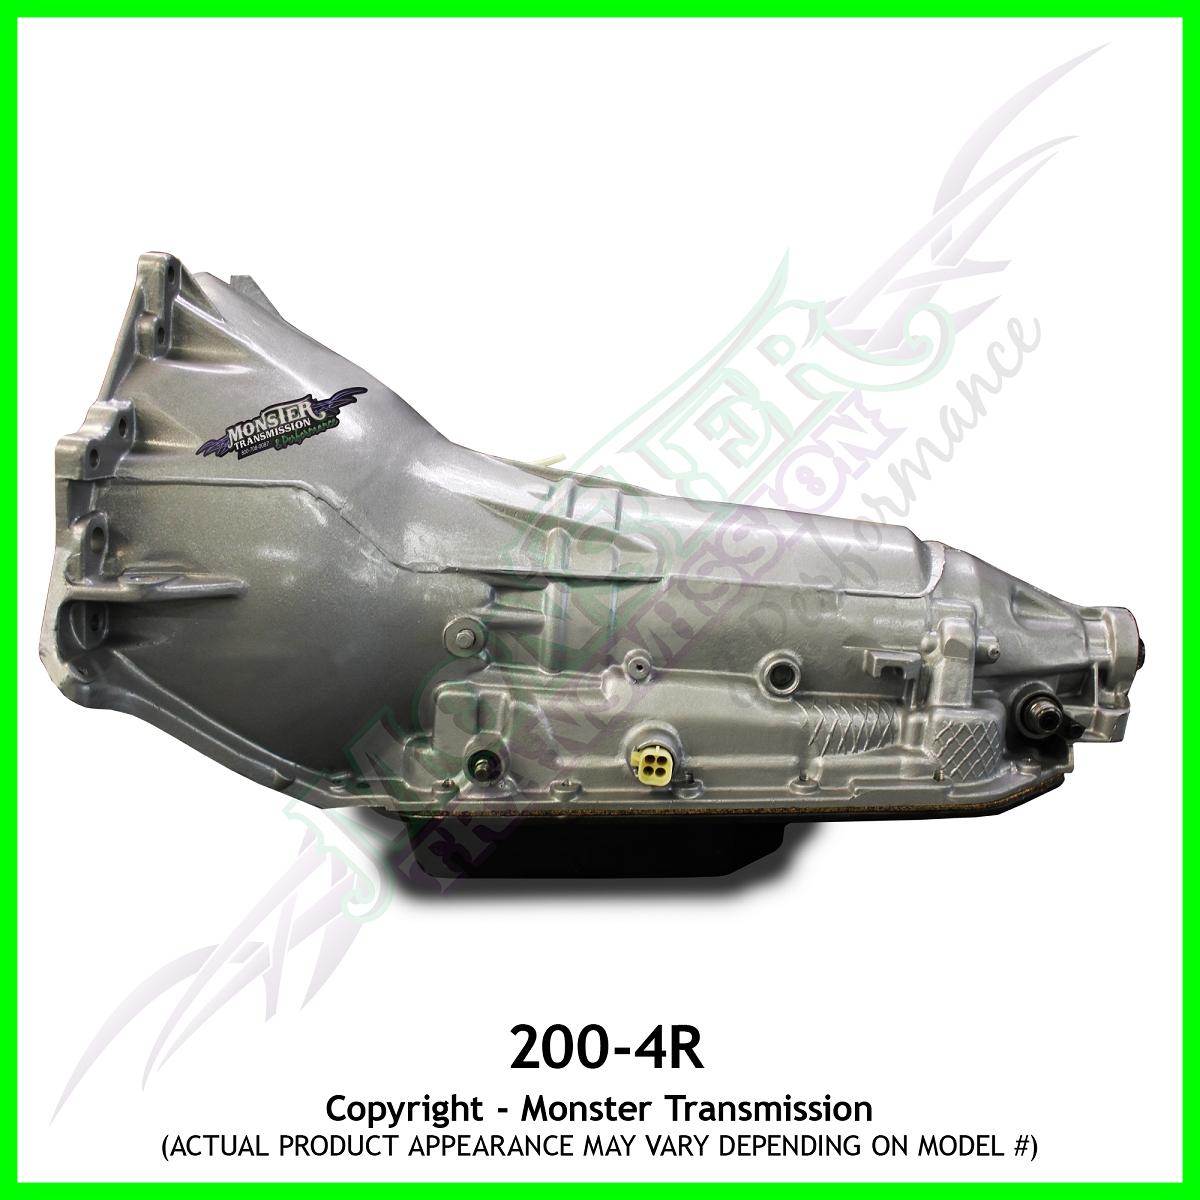 2004r 2004r transmission rebuilt 2004r transmission monster 2004r 200 4r remanufactured mild transmission publicscrutiny Choice Image